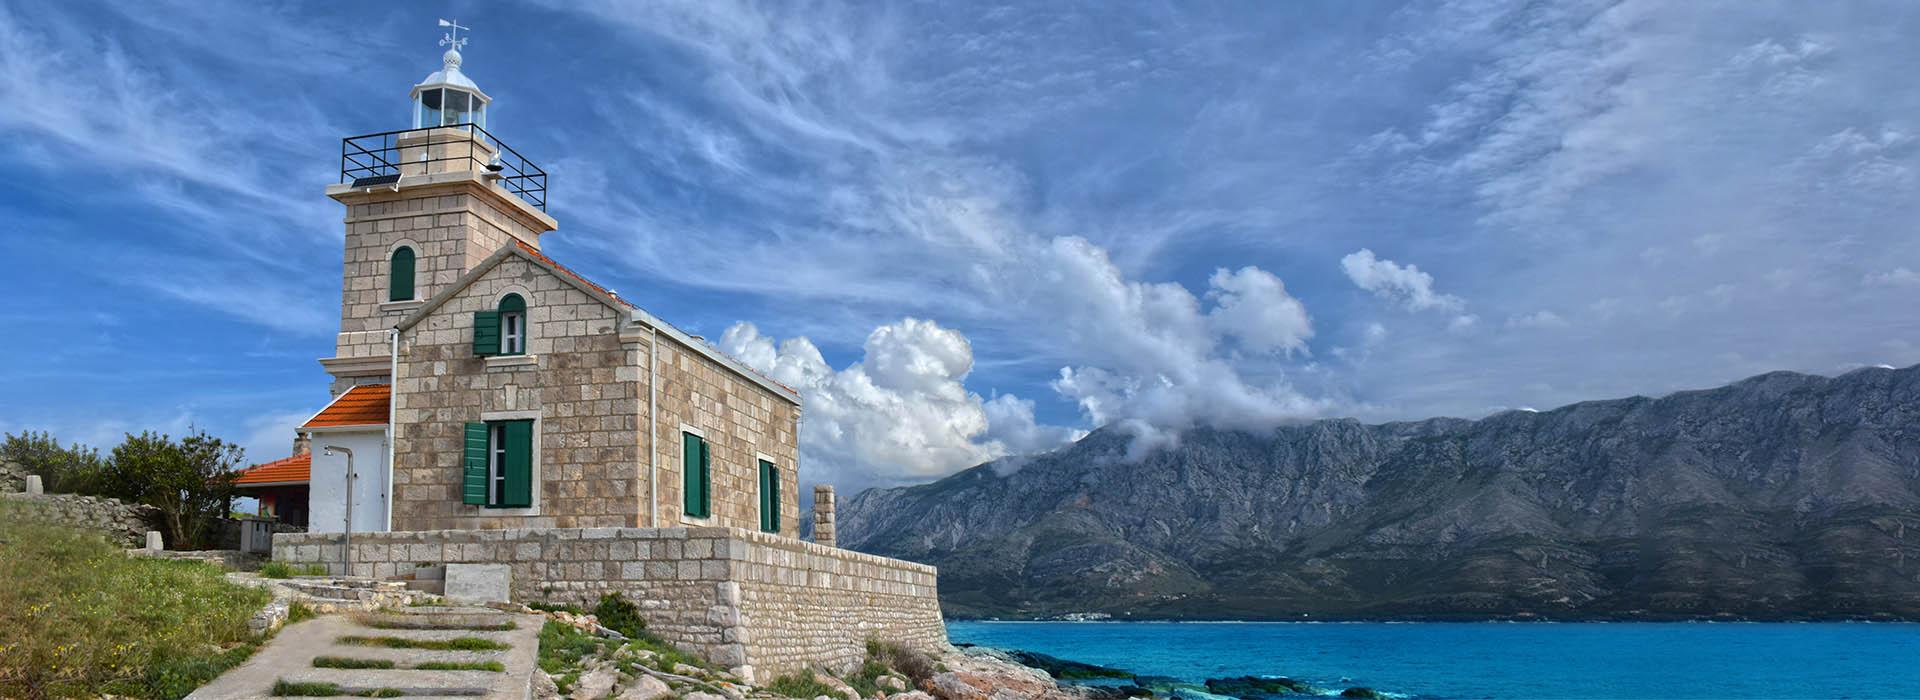 Kuća Za Odmor, Sućuraj, Otok Hvar, Hrvatska - slika3